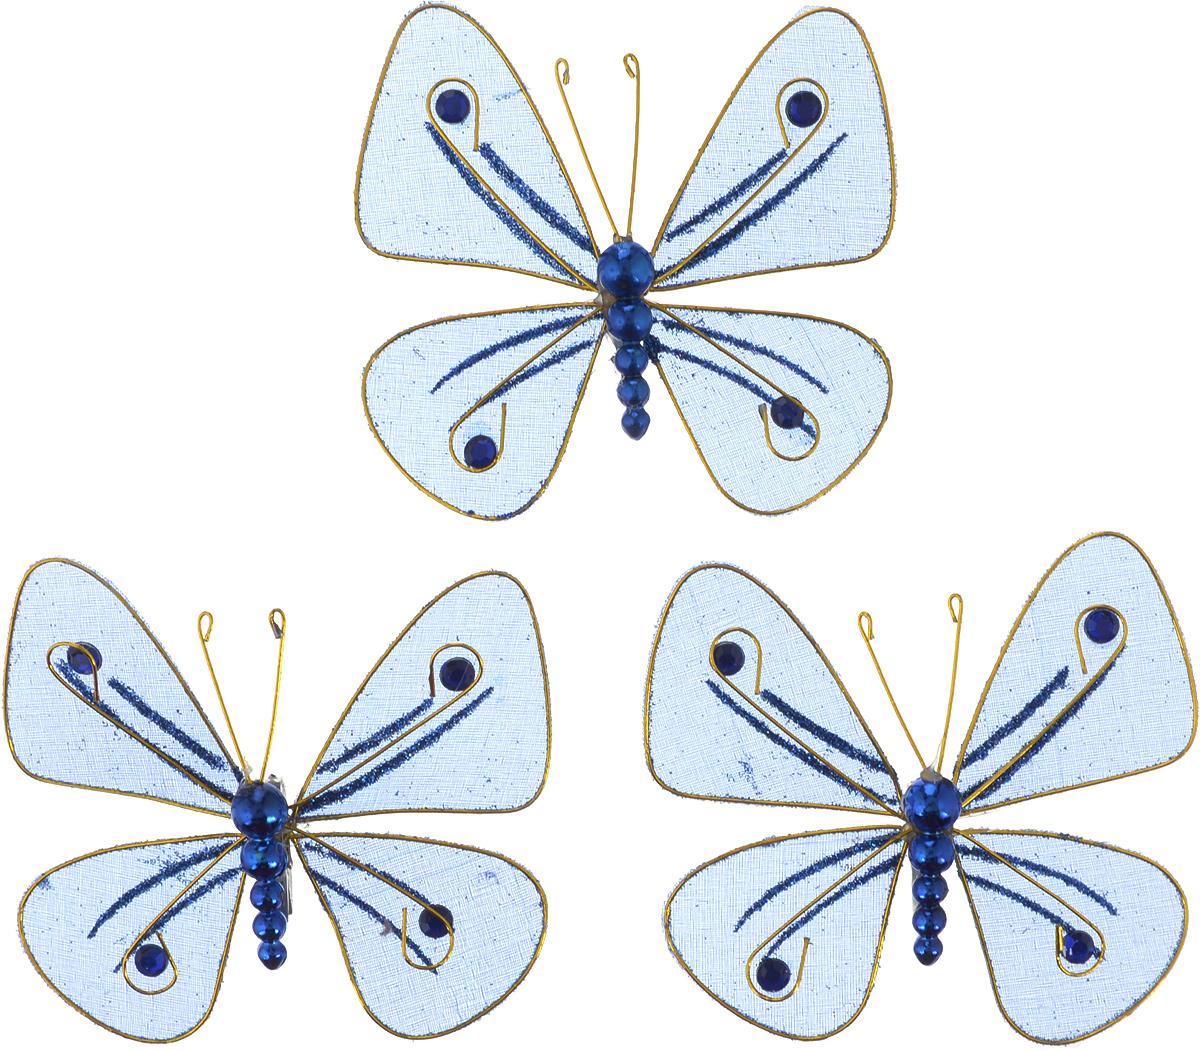 """Набор елочных украшений """"Бабочки"""", выполненный из металлического каркаса, обтянутого синей сеткой, декорирован синими стразами и бусинами. Елочное украшение украсит новогоднюю елку и интерьер дома. Бабочки можно подвесить, благодаря зажимам из металла. Они создадут теплую, уютную атмосферу праздника.  Новогодние украшения всегда несут в себе волшебство и красоту праздника. Создайте в своем доме атмосферу тепла, веселья и радости, украшая его всей семьей."""